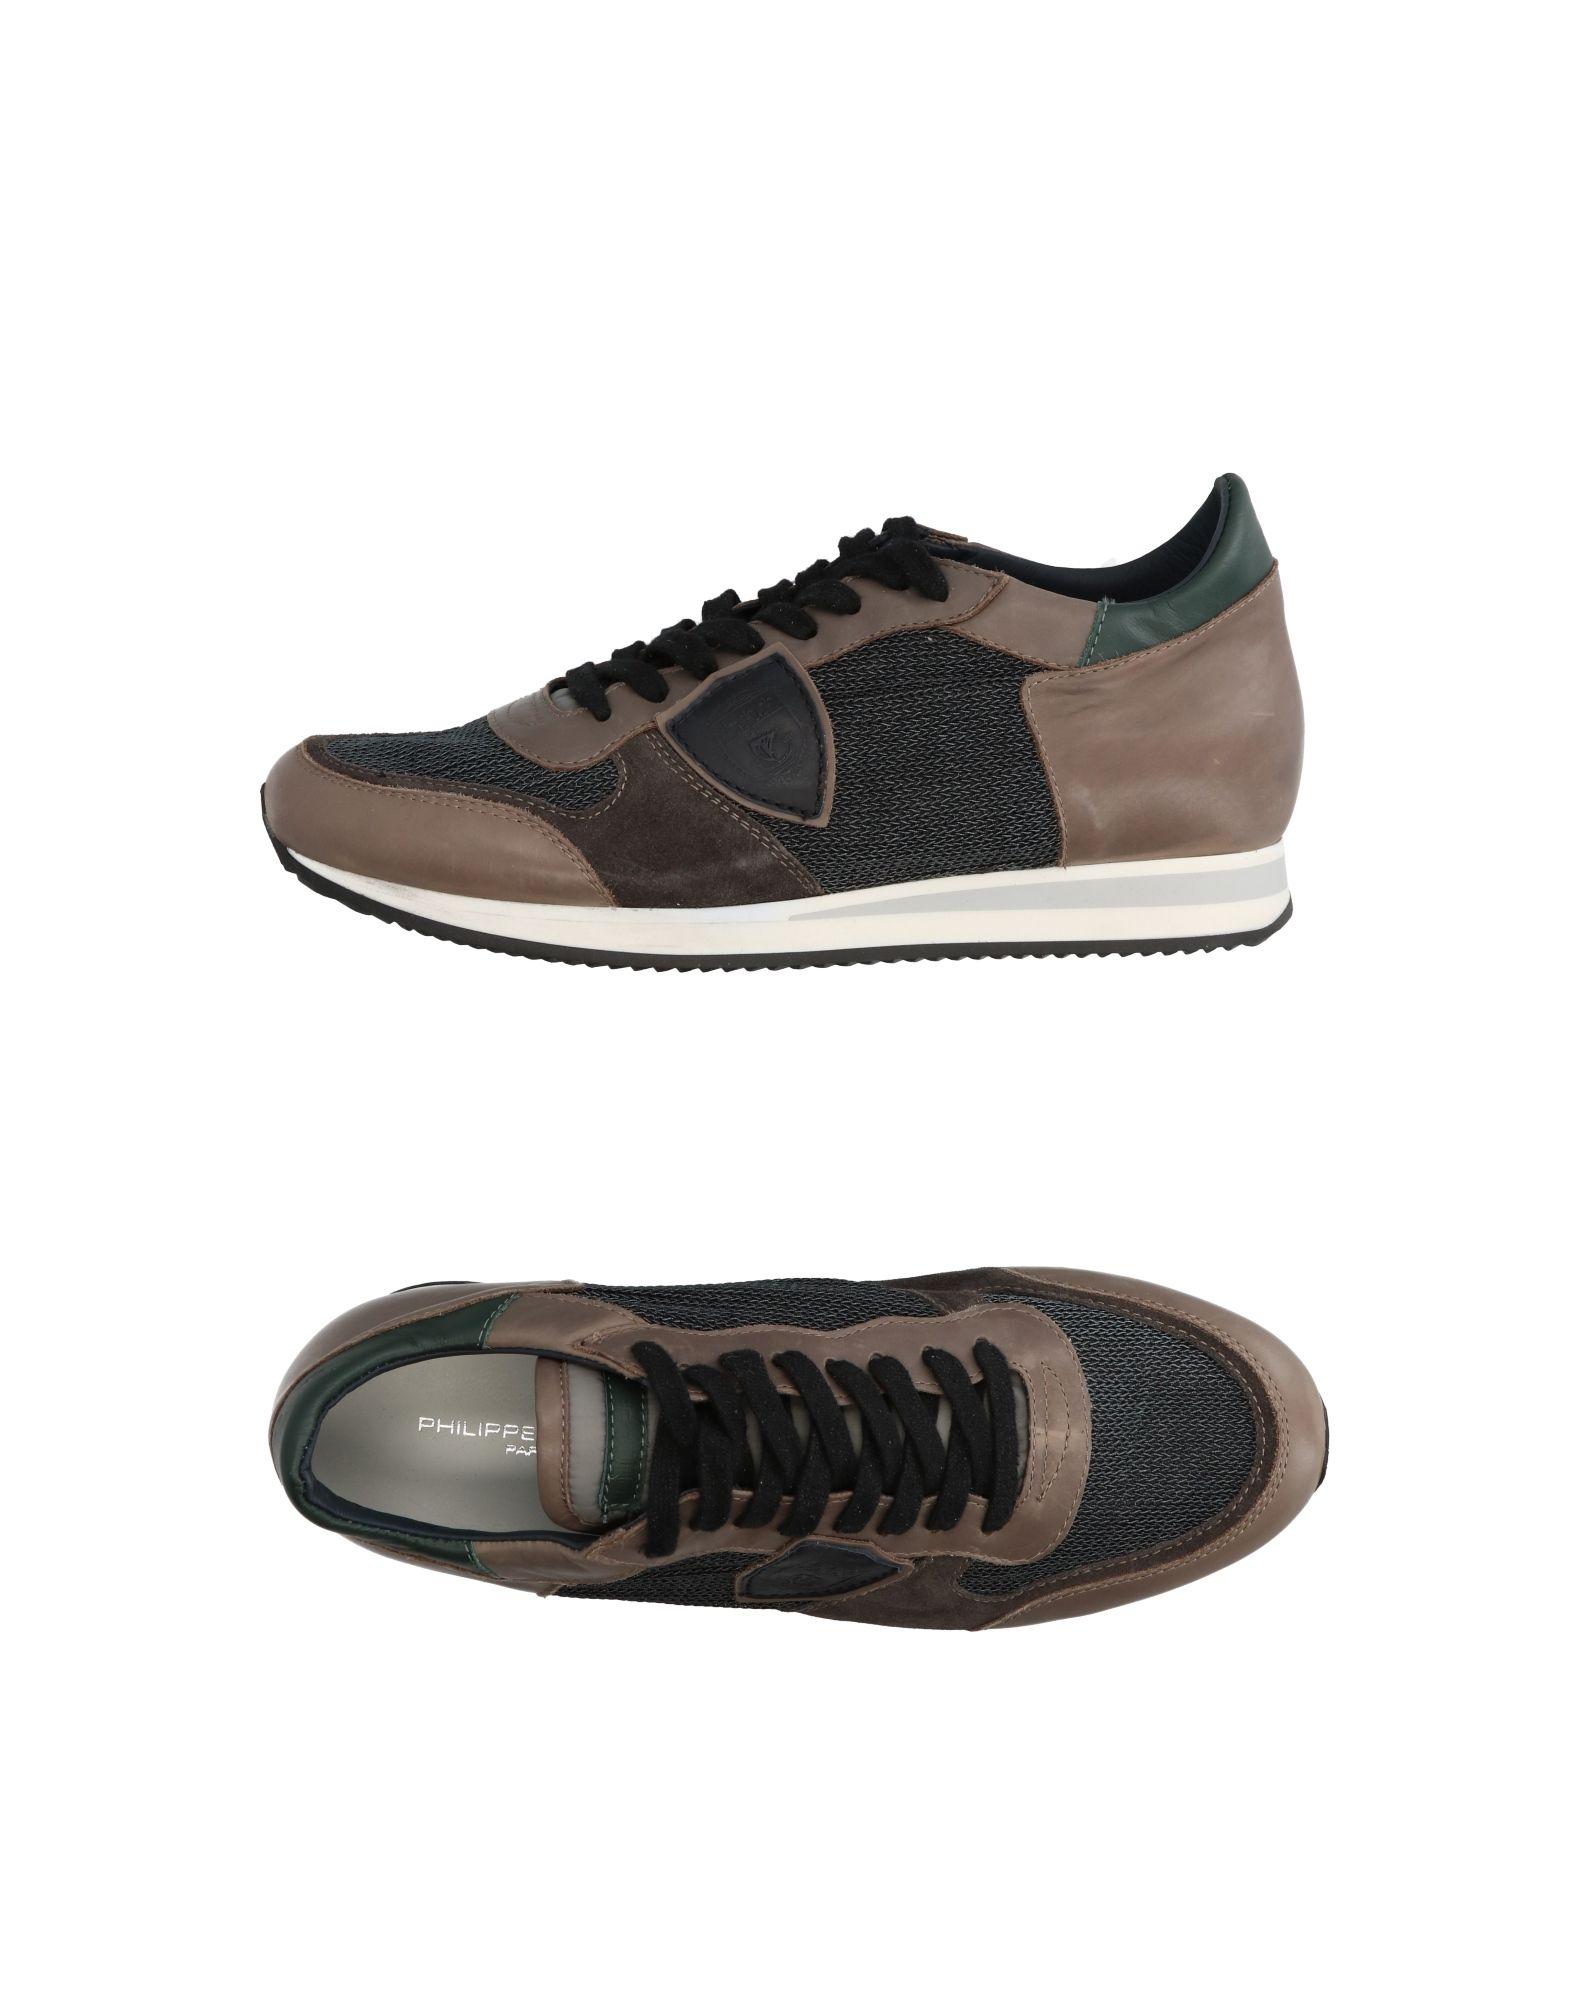 Philippe Model Sneakers Herren beliebte  11298453NC Gute Qualität beliebte Herren Schuhe 2b8668